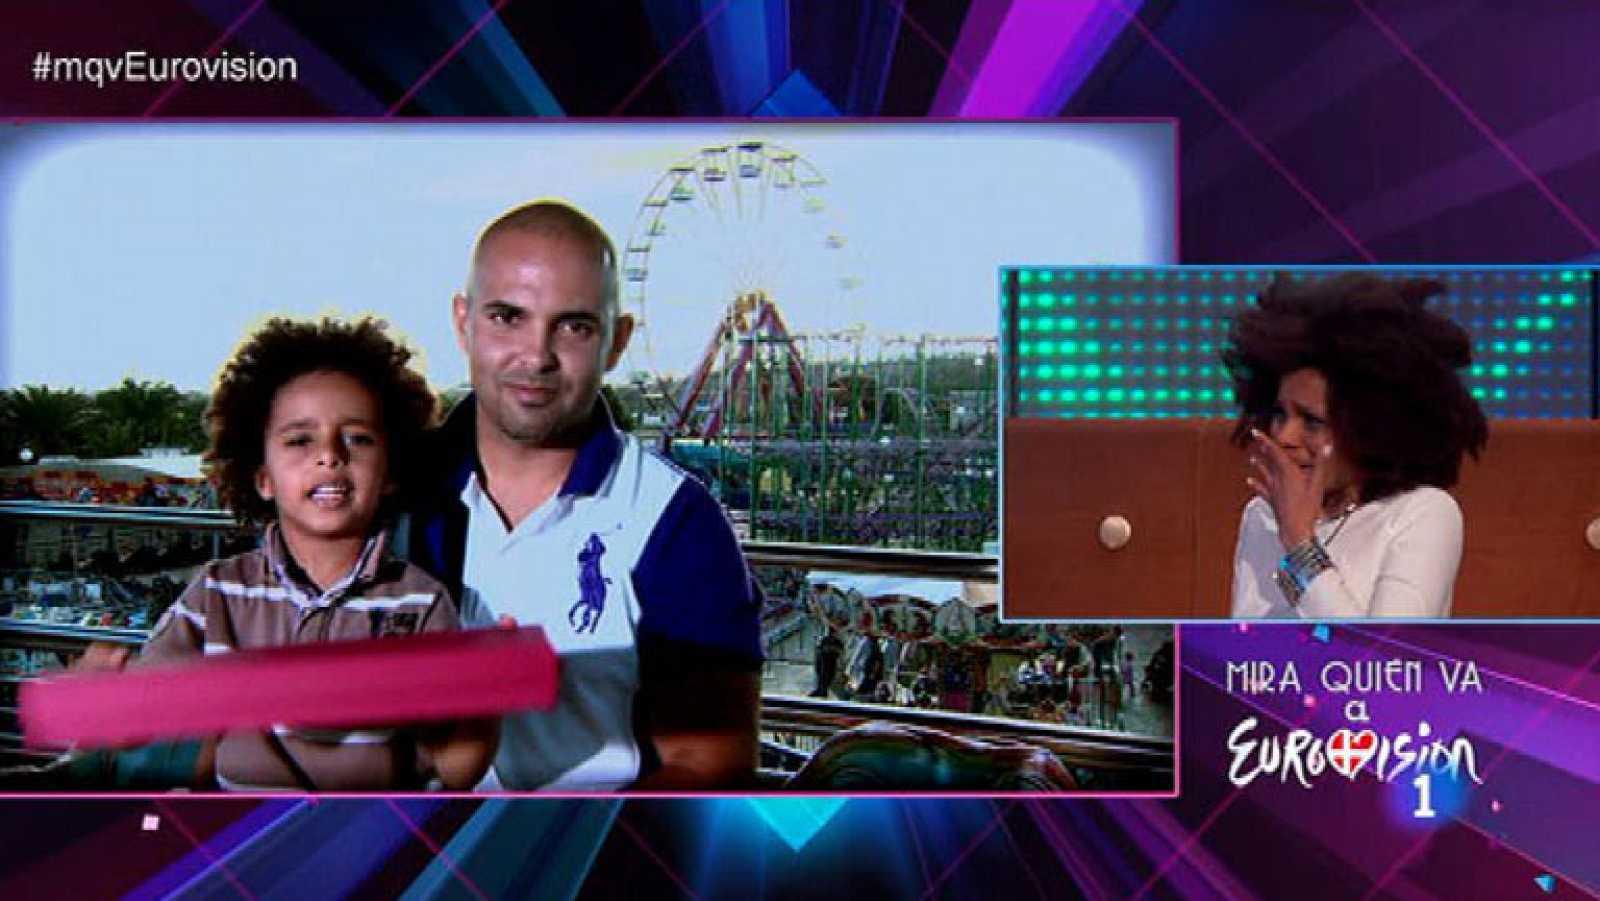 Eurovisión 2014 - Una sorpresa para Brequette